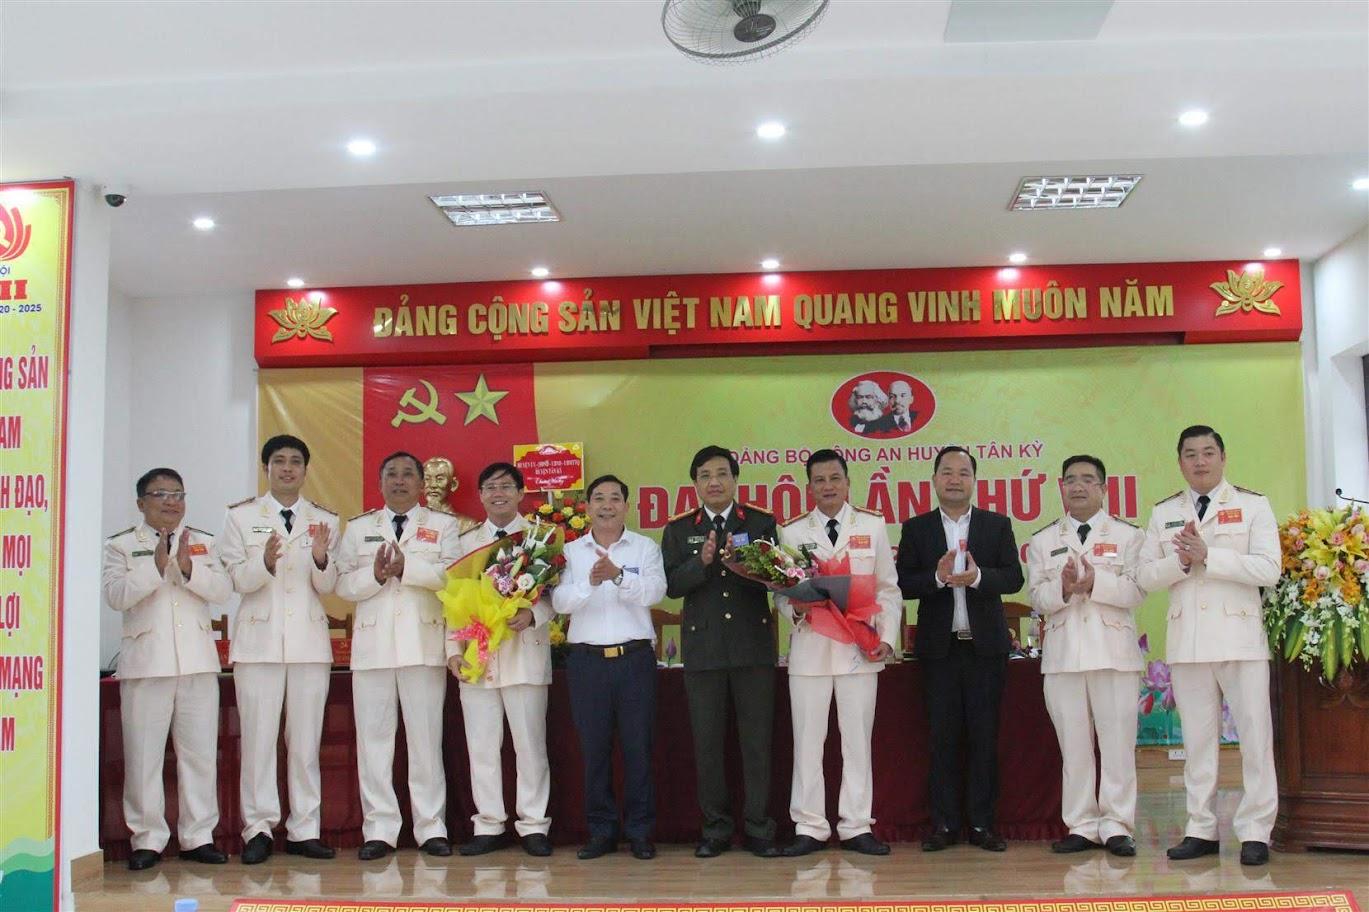 Ban chấp hành Đảng bộ Công an huyện lần thứ VIII, nhiệm kỳ 2020 - 2025 ra mắt, nhận nhiệm vụ